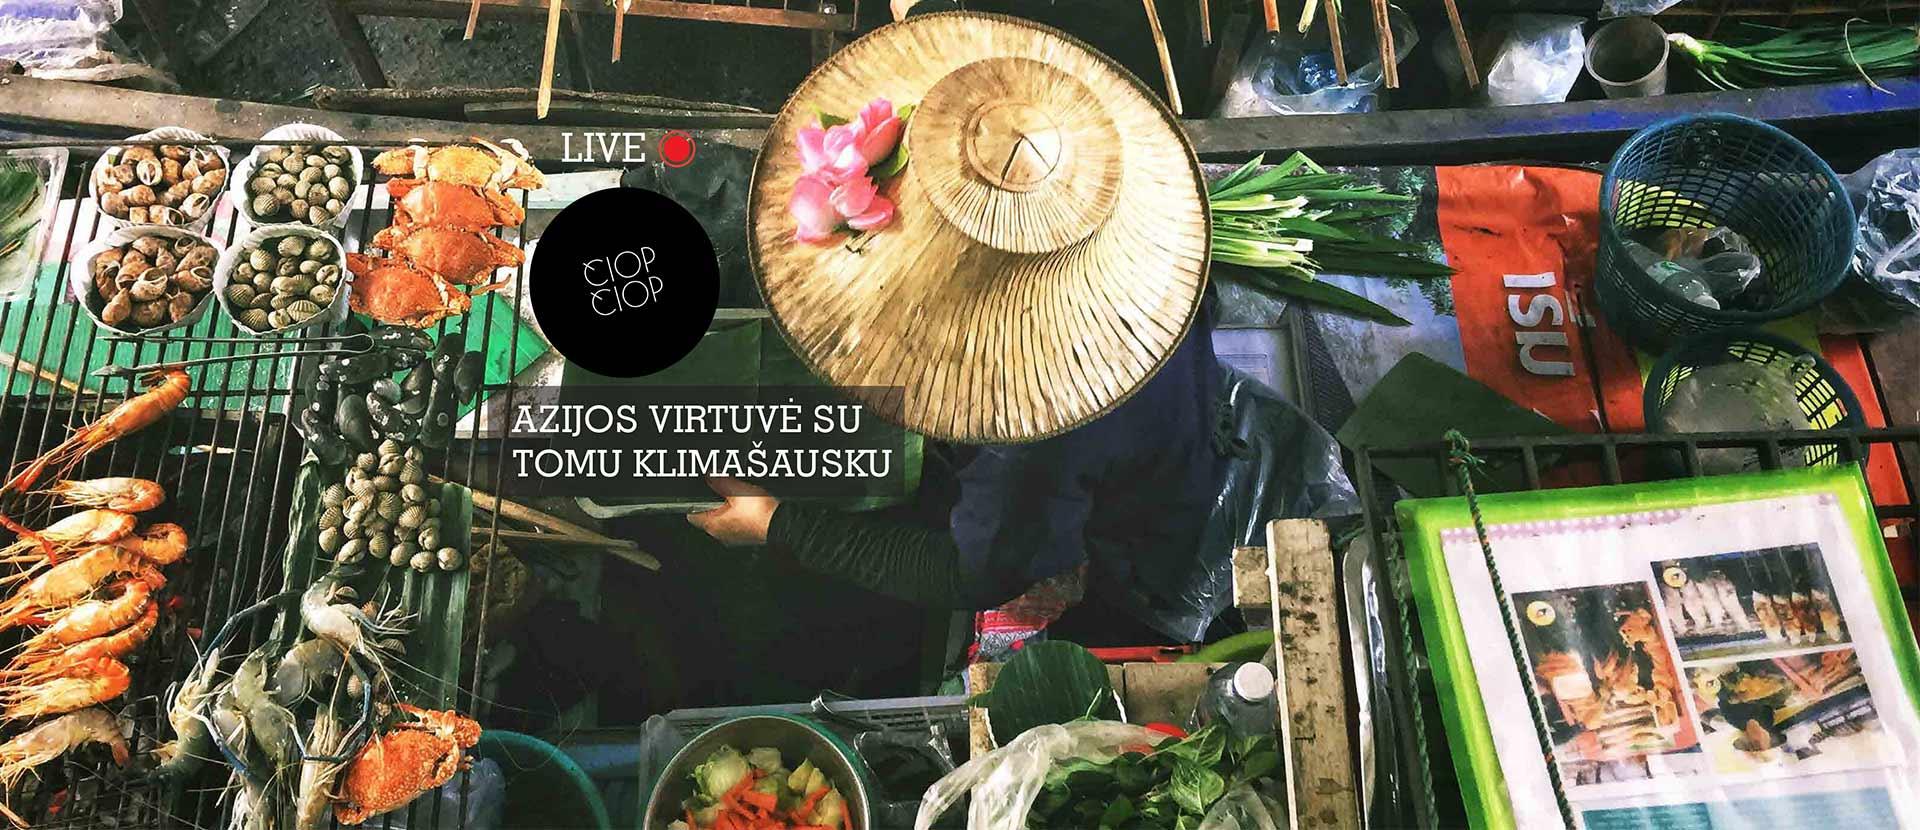 Live: Azijos virtuvė su Tomu Klimašausku